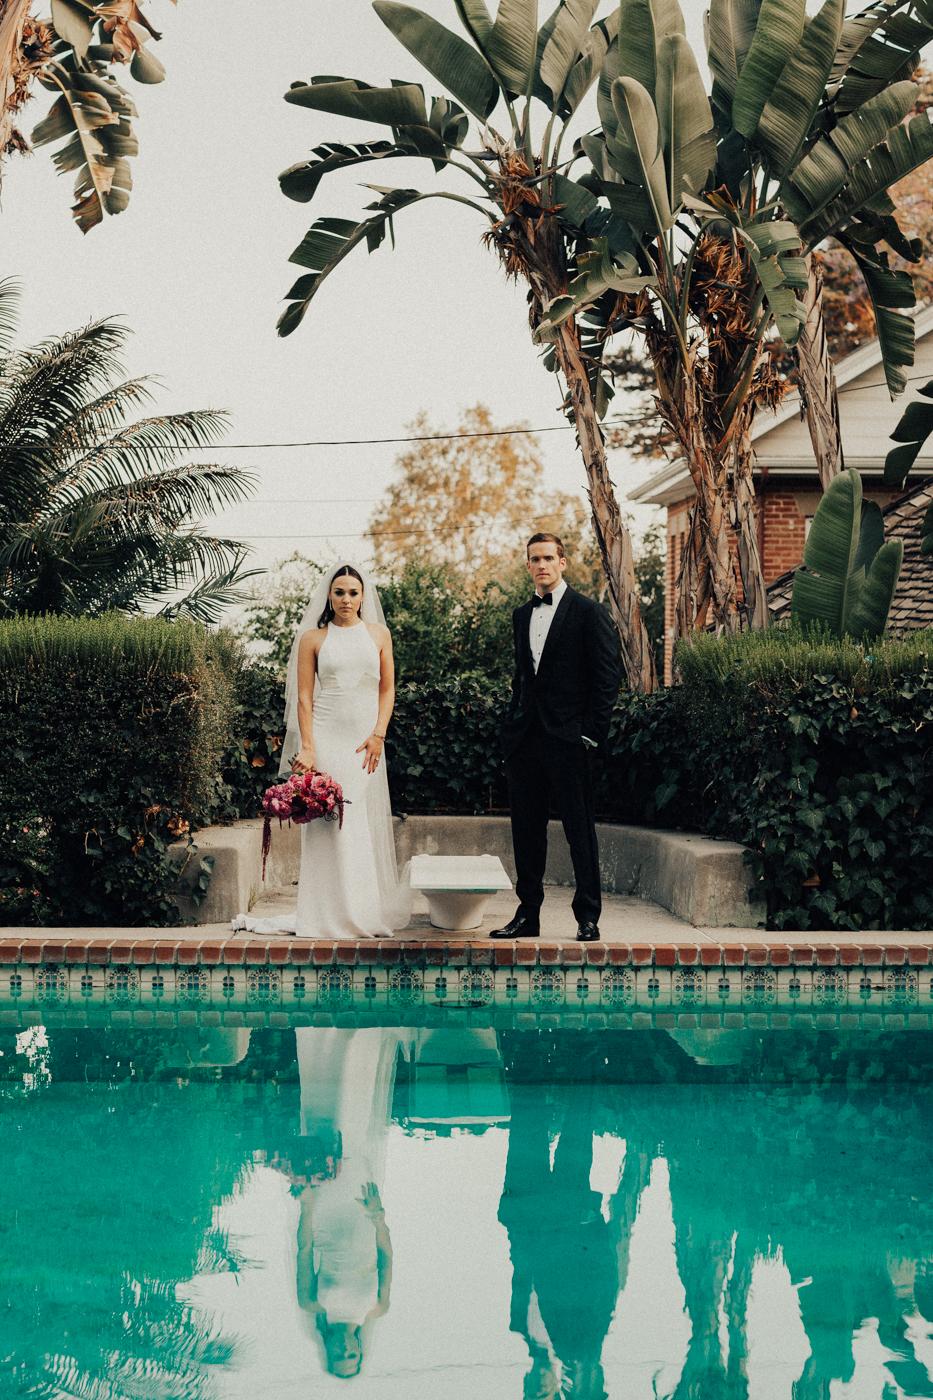 Nicole+Tyler_JMWeddingCo-126.jpg